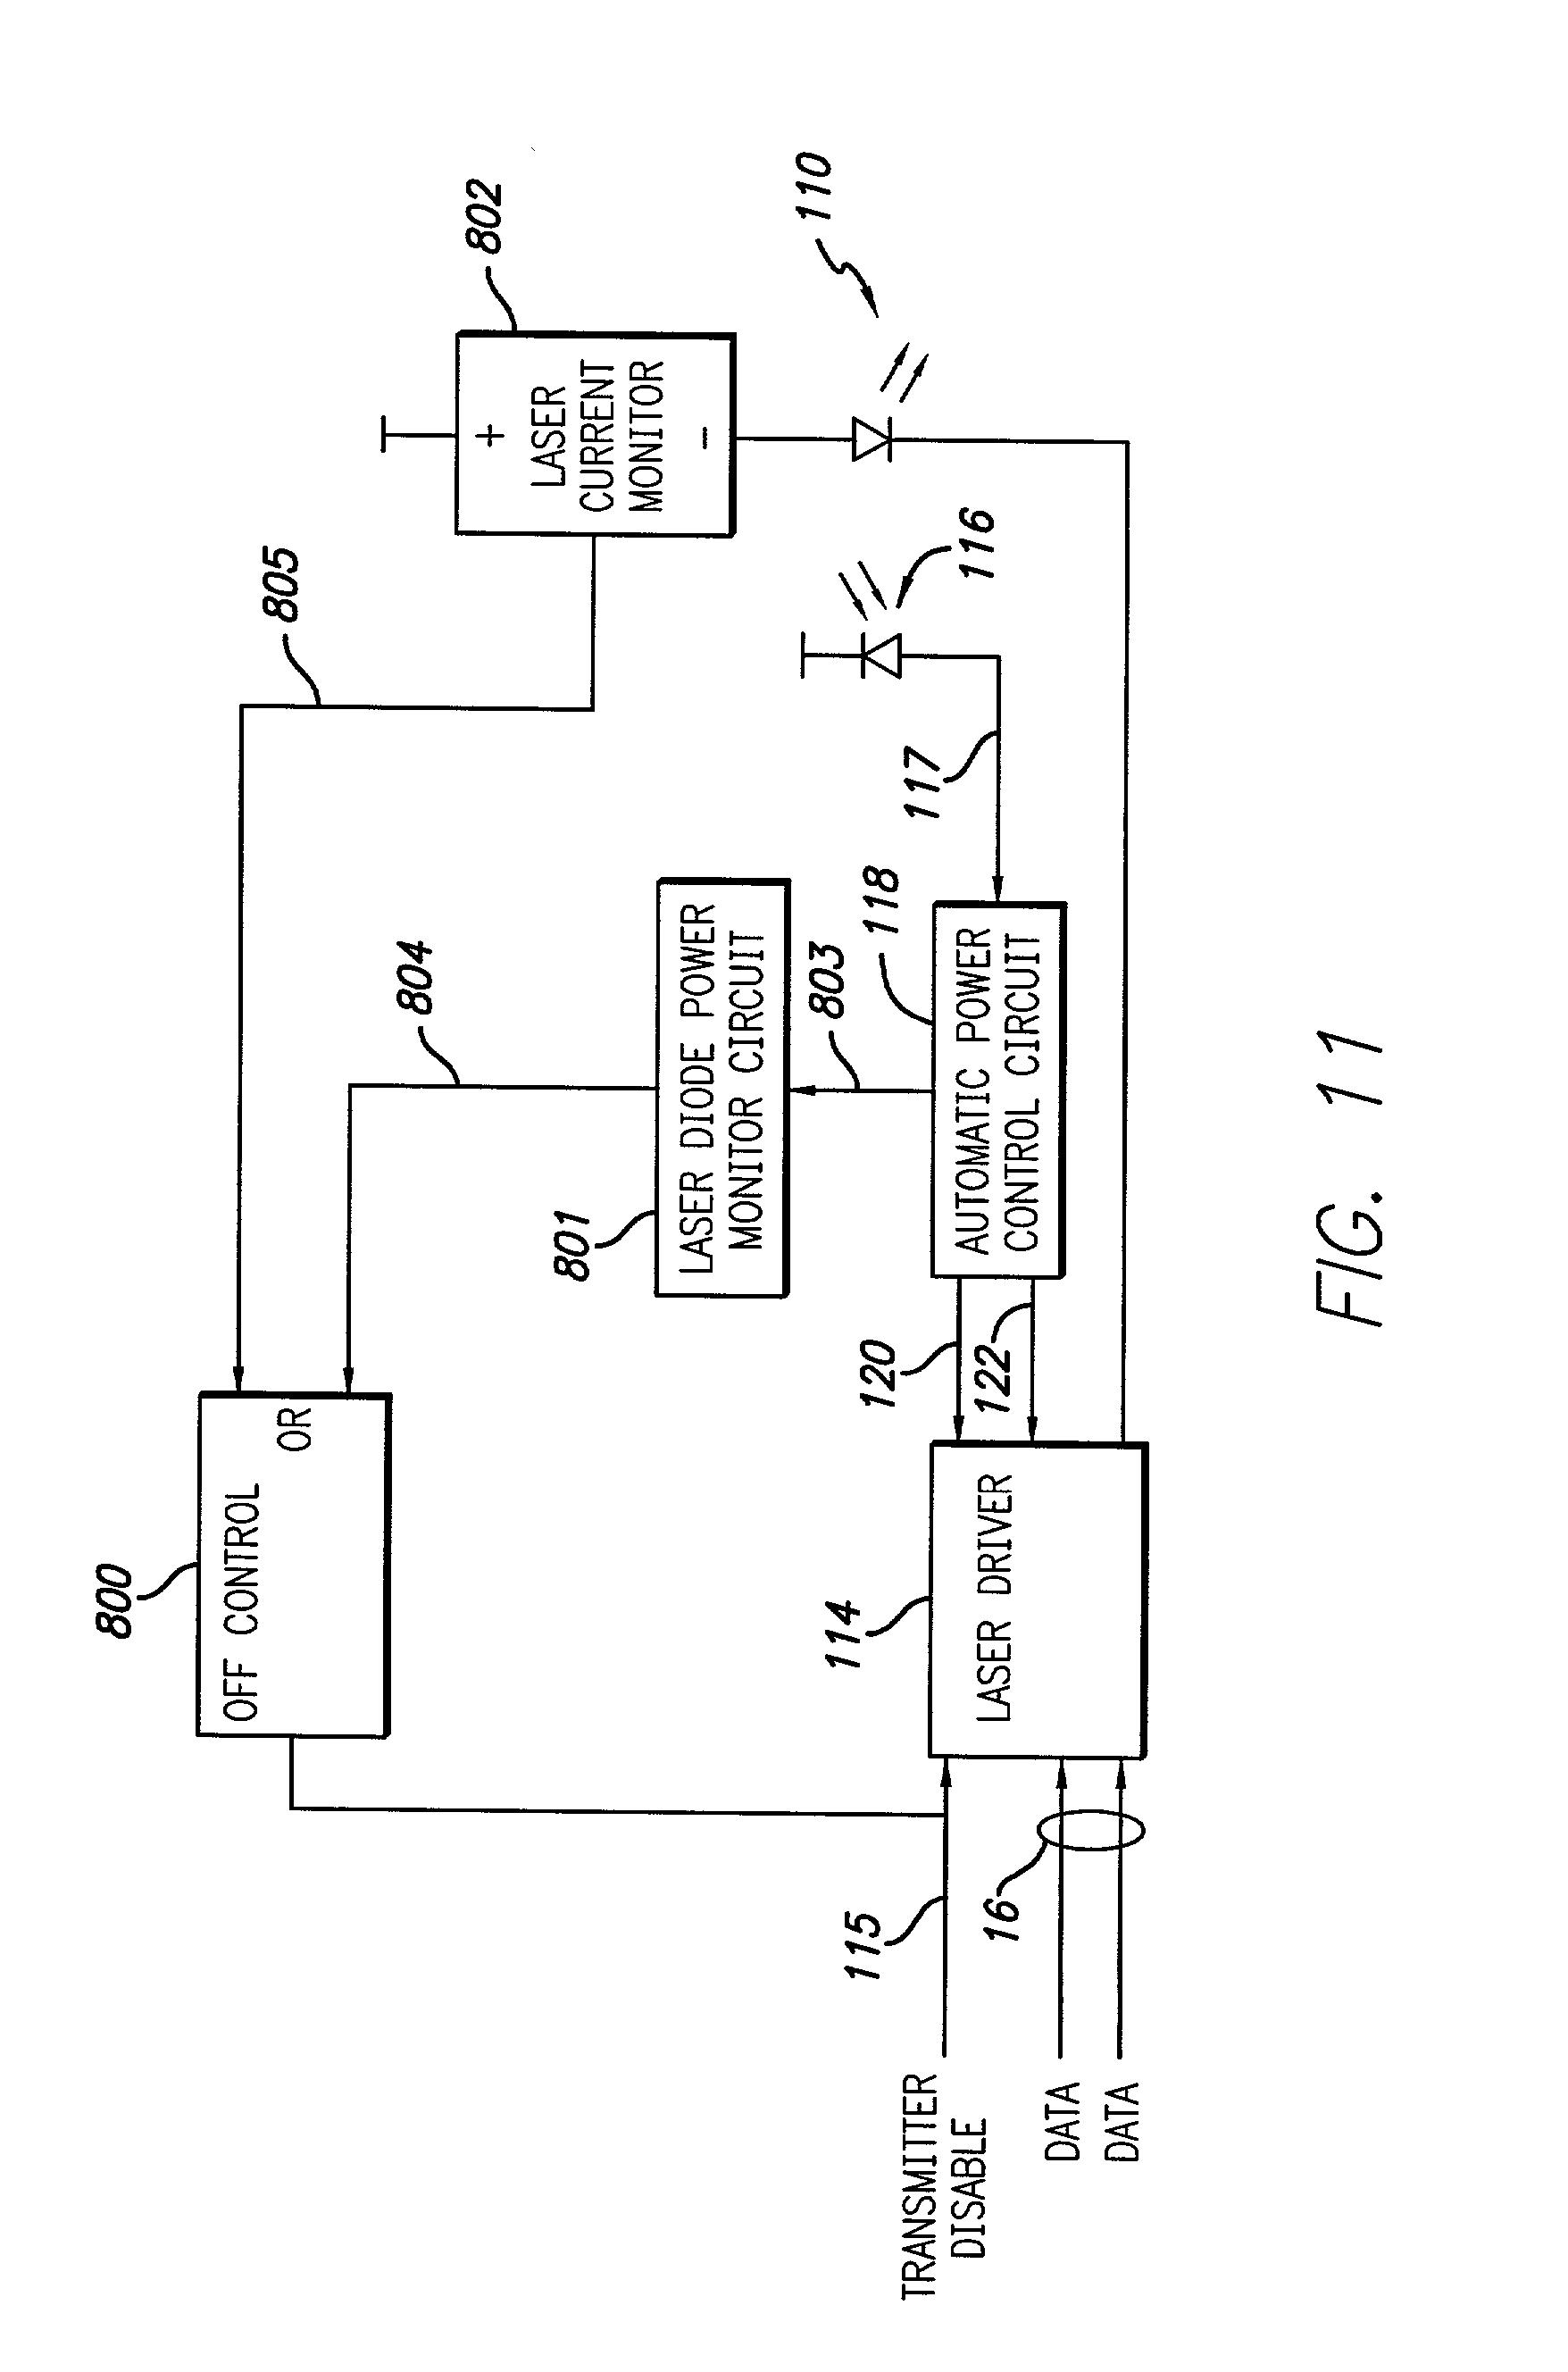 patent us20020027688